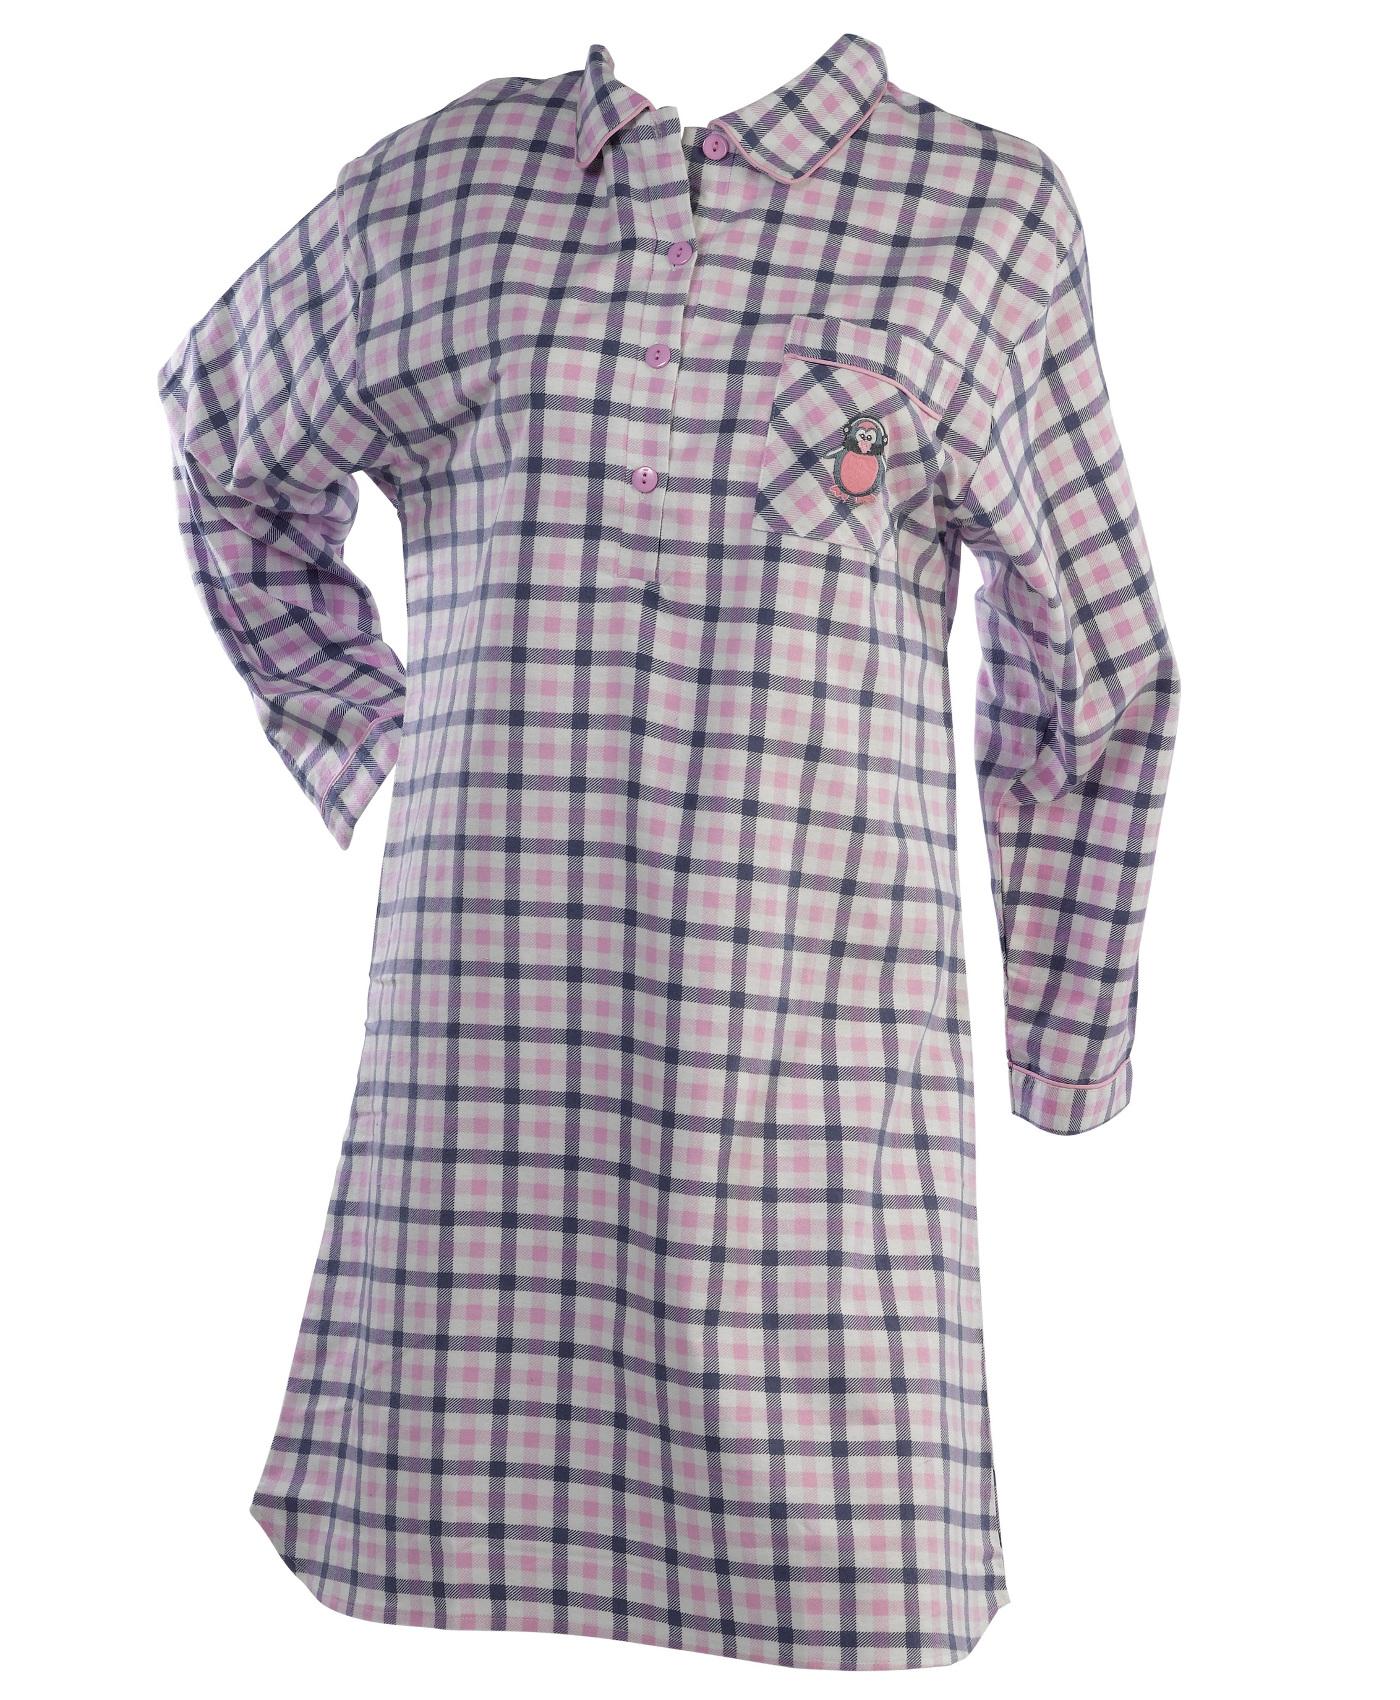 Penguin Motif Nightwear Range 100/% Cotton Checked Nightshirt or Pyjamas PJs Set